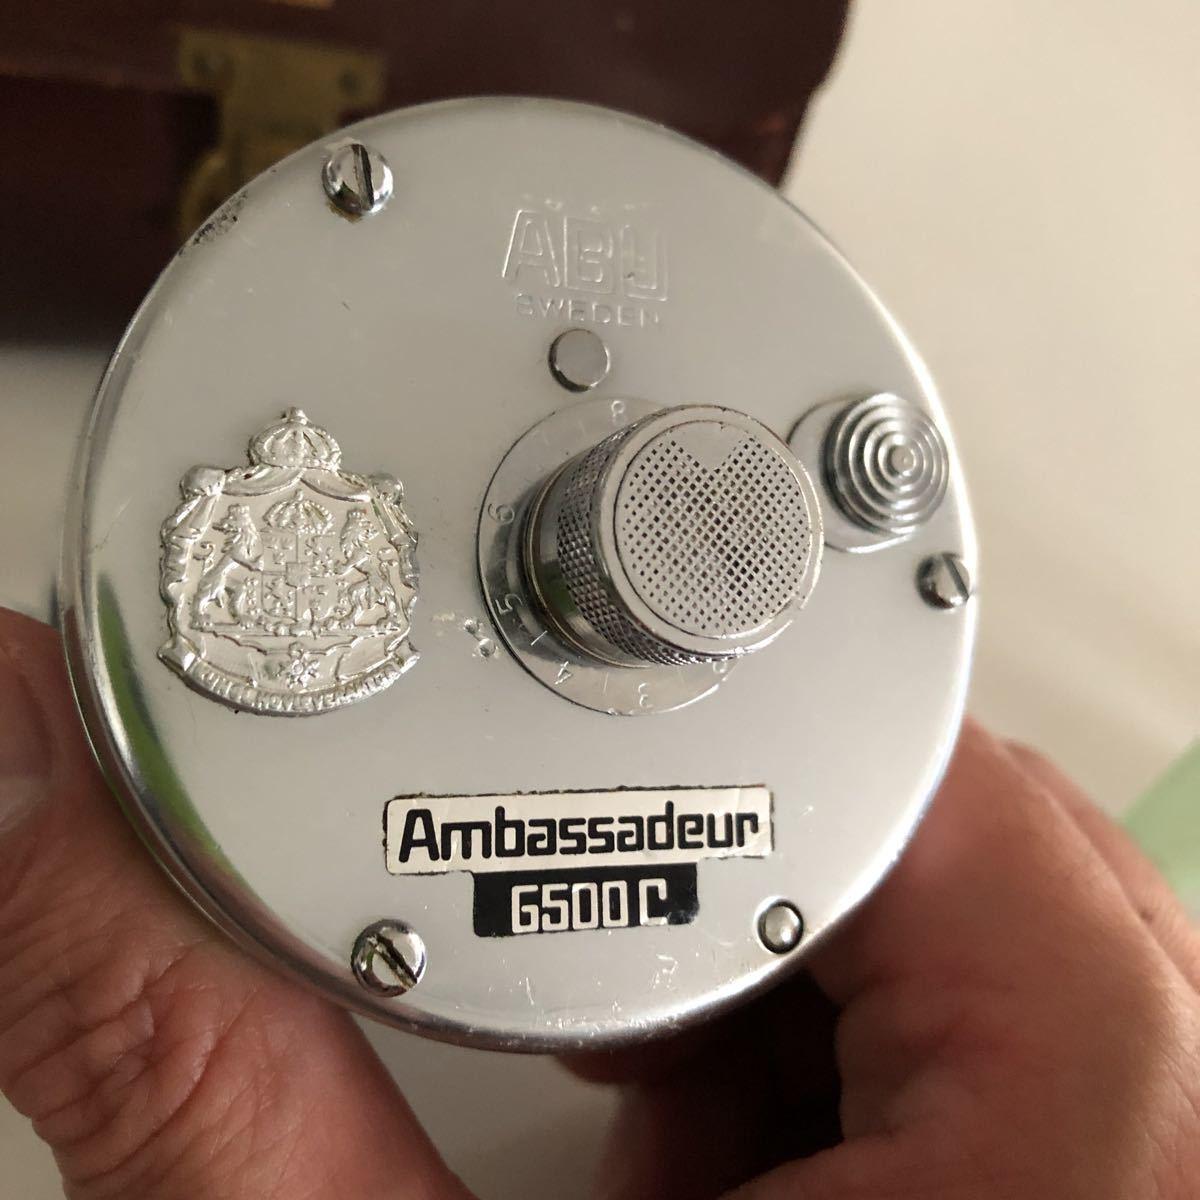 美品 ABU 6500C 79年 ブラックステッカーモデル シルバー 革ケース付属付き/アブ ambassadeur 雷魚_画像2